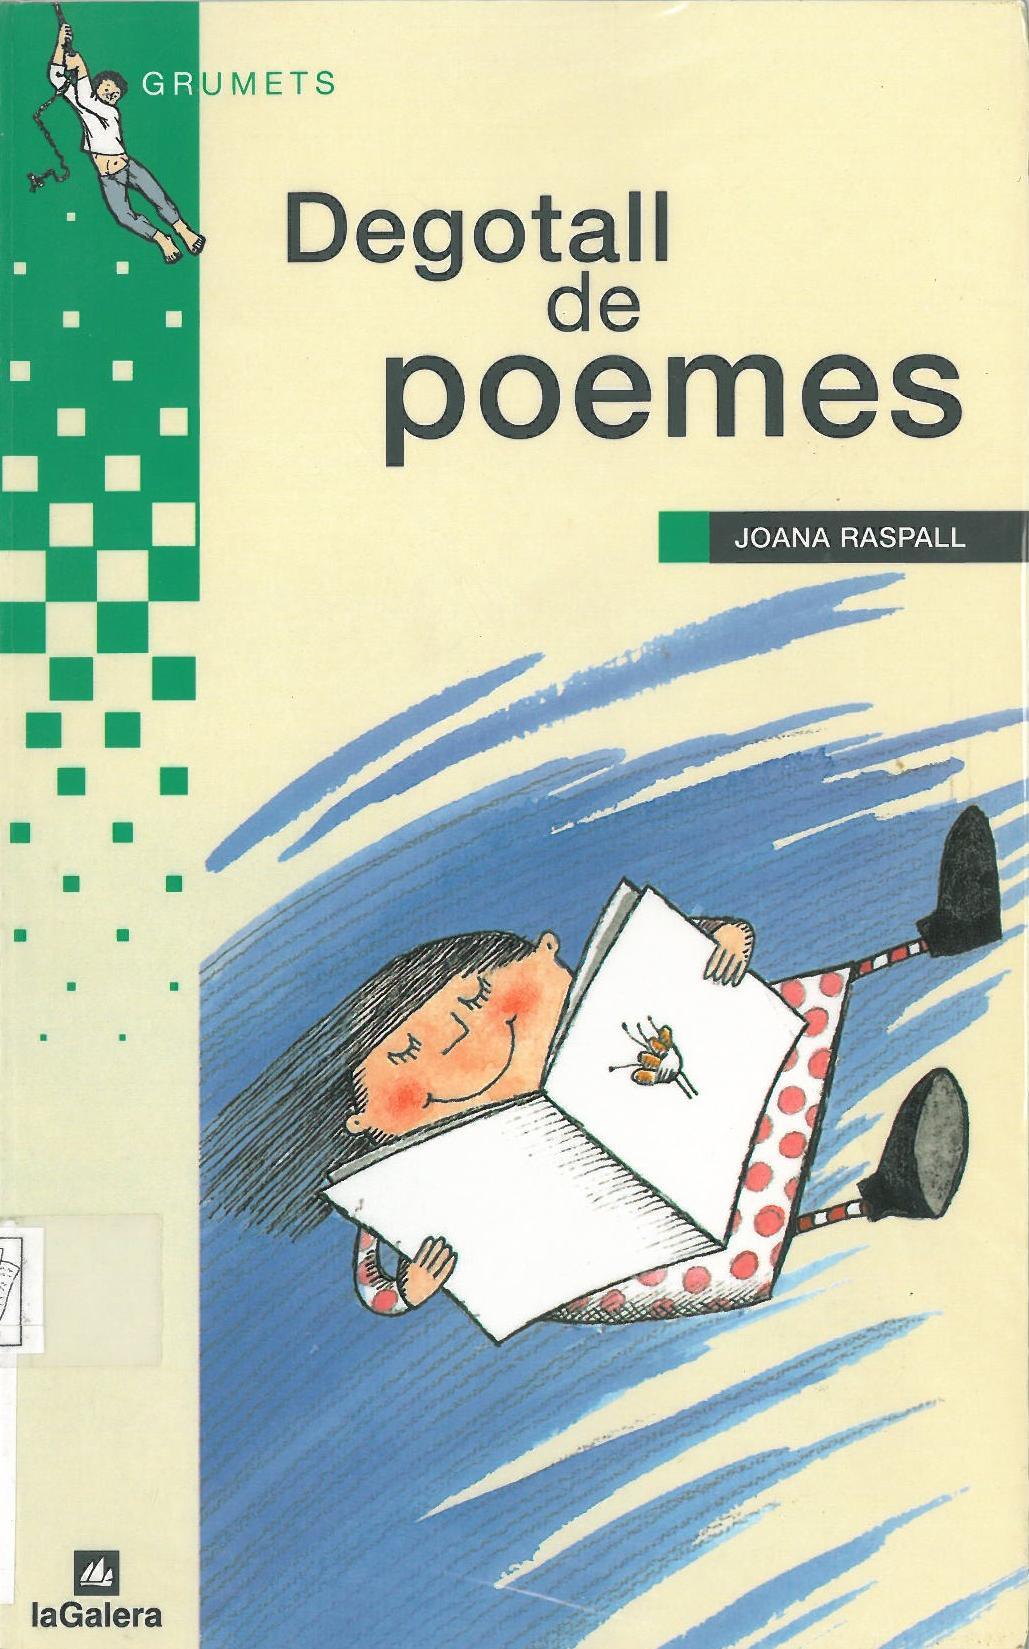 La poesia de Joana Raspall